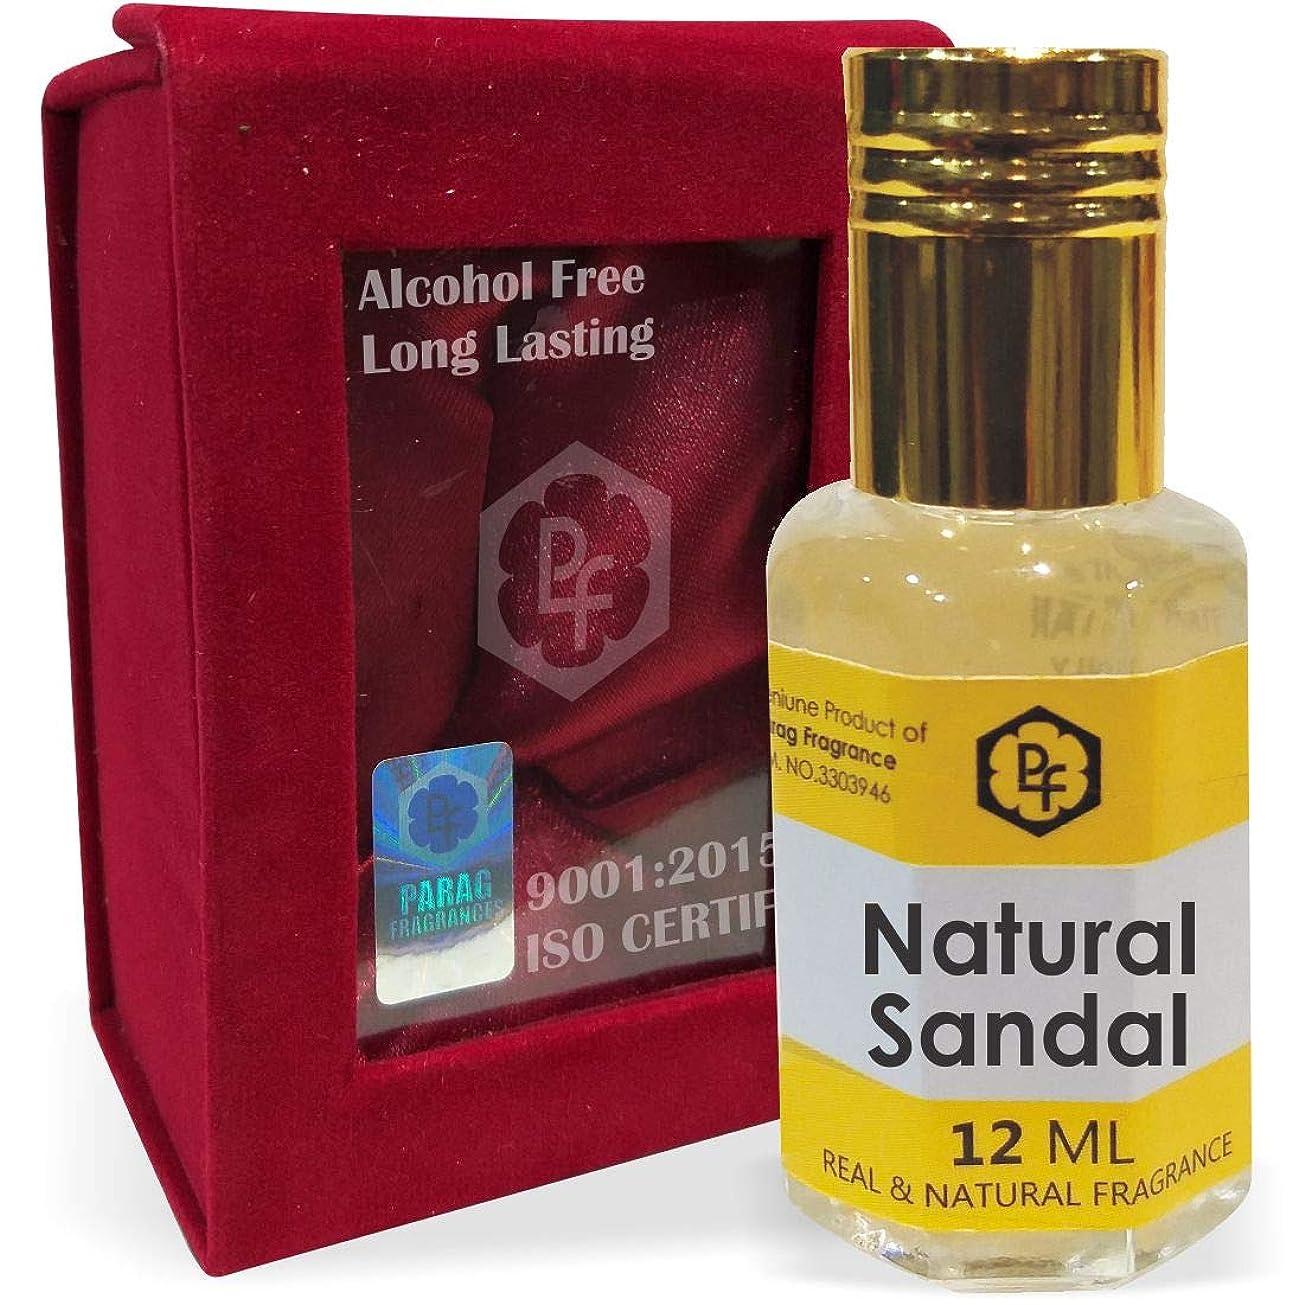 ゴールピッチャー分泌するParagフレグランス手作りベルベットボックスナチュラルサンダル12ミリリットルアター/香水(インドの伝統的なBhapka処理方法により、インド製)オイル/フレグランスオイル|長持ちアターITRA最高の品質